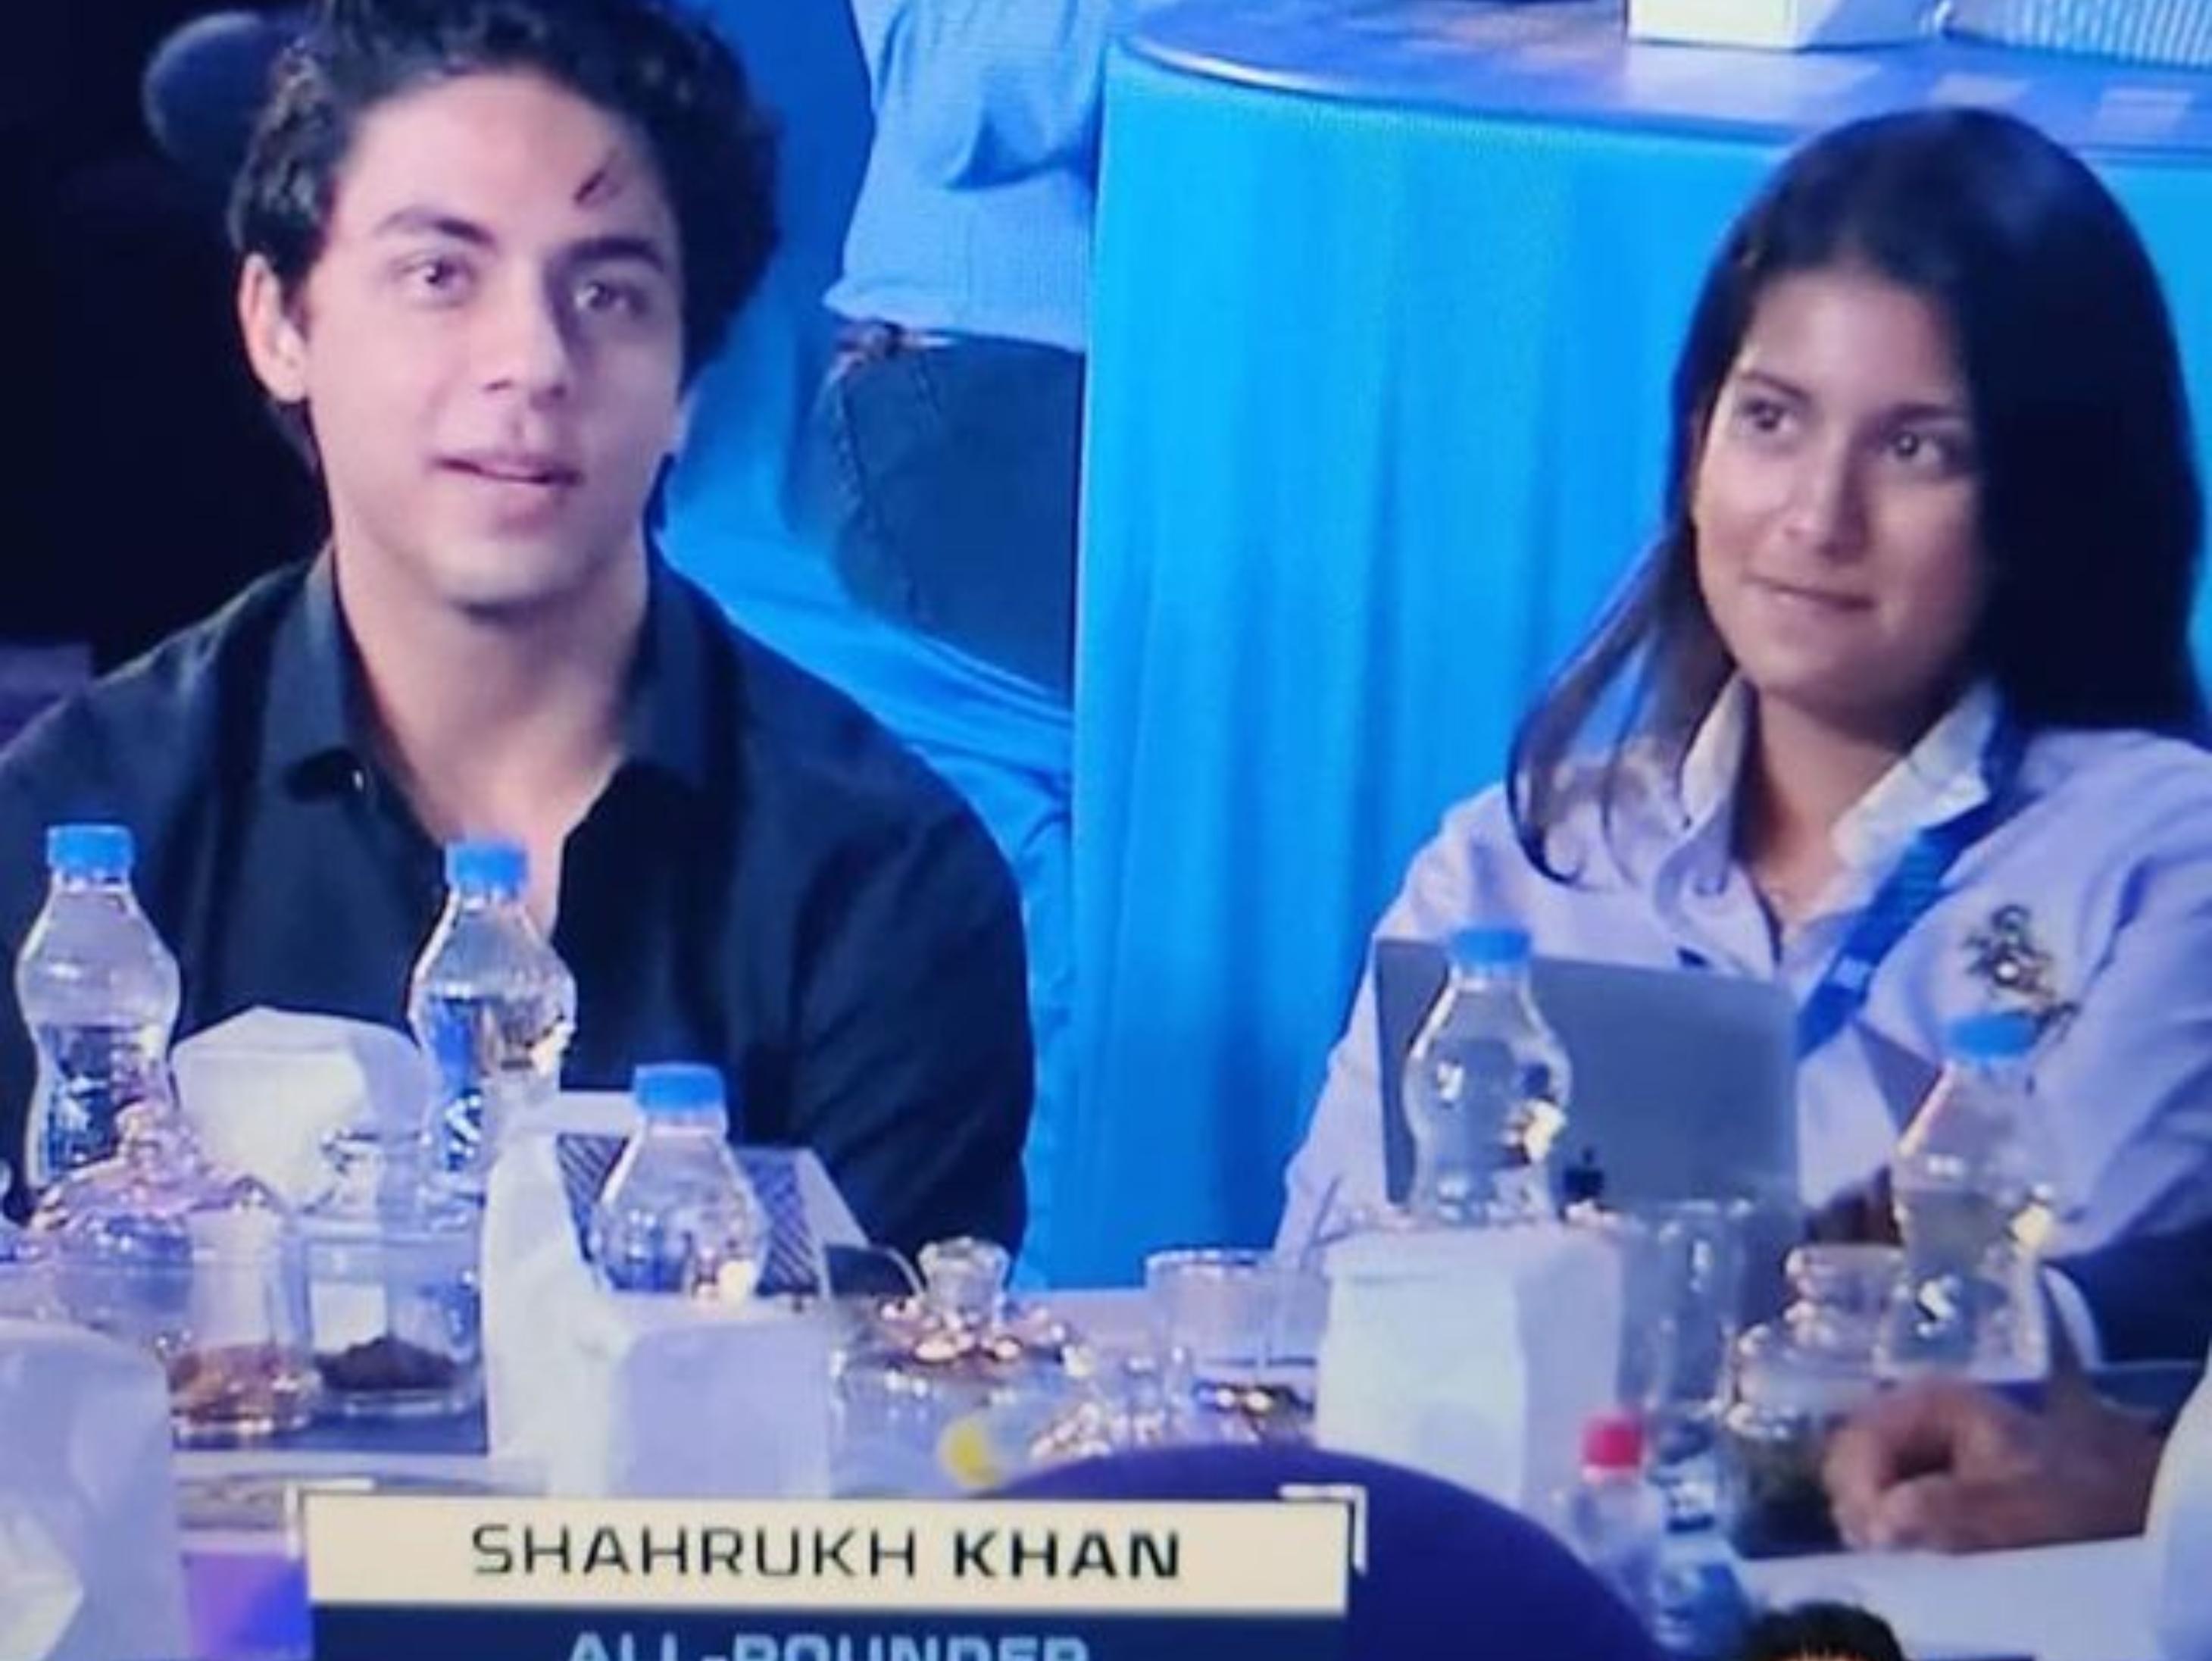 शाहरुख के बेटे आर्यन खान और जूही की बेटी जाहन्वी ने संभाली कमान, जूही बोलीं- KKR किड्स को देख बहुत खुश हूं|बॉलीवुड,Bollywood - Dainik Bhaskar